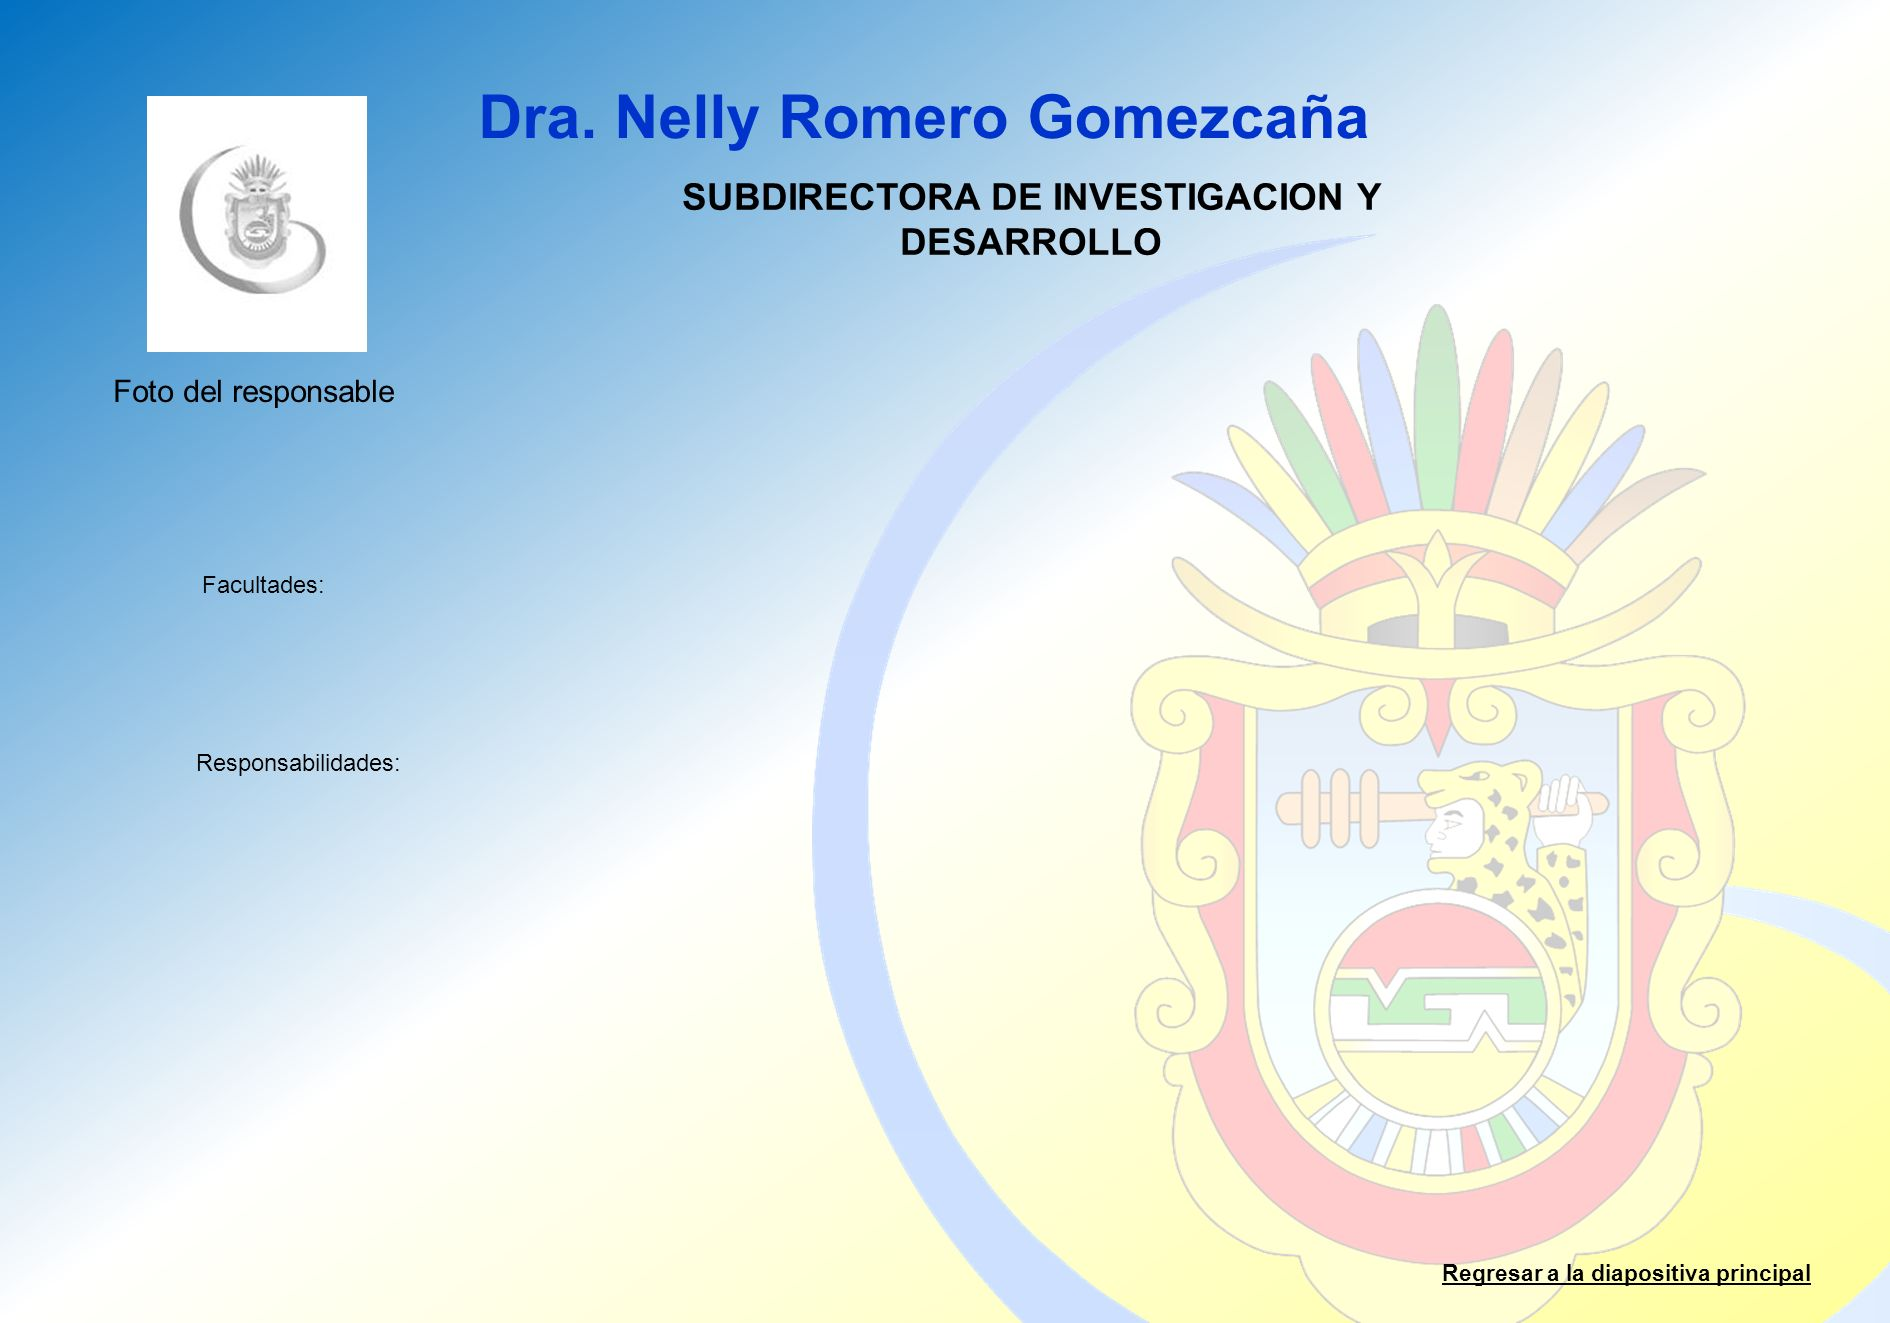 SUBDIRECTORA DE INVESTIGACION Y DESARROLLO